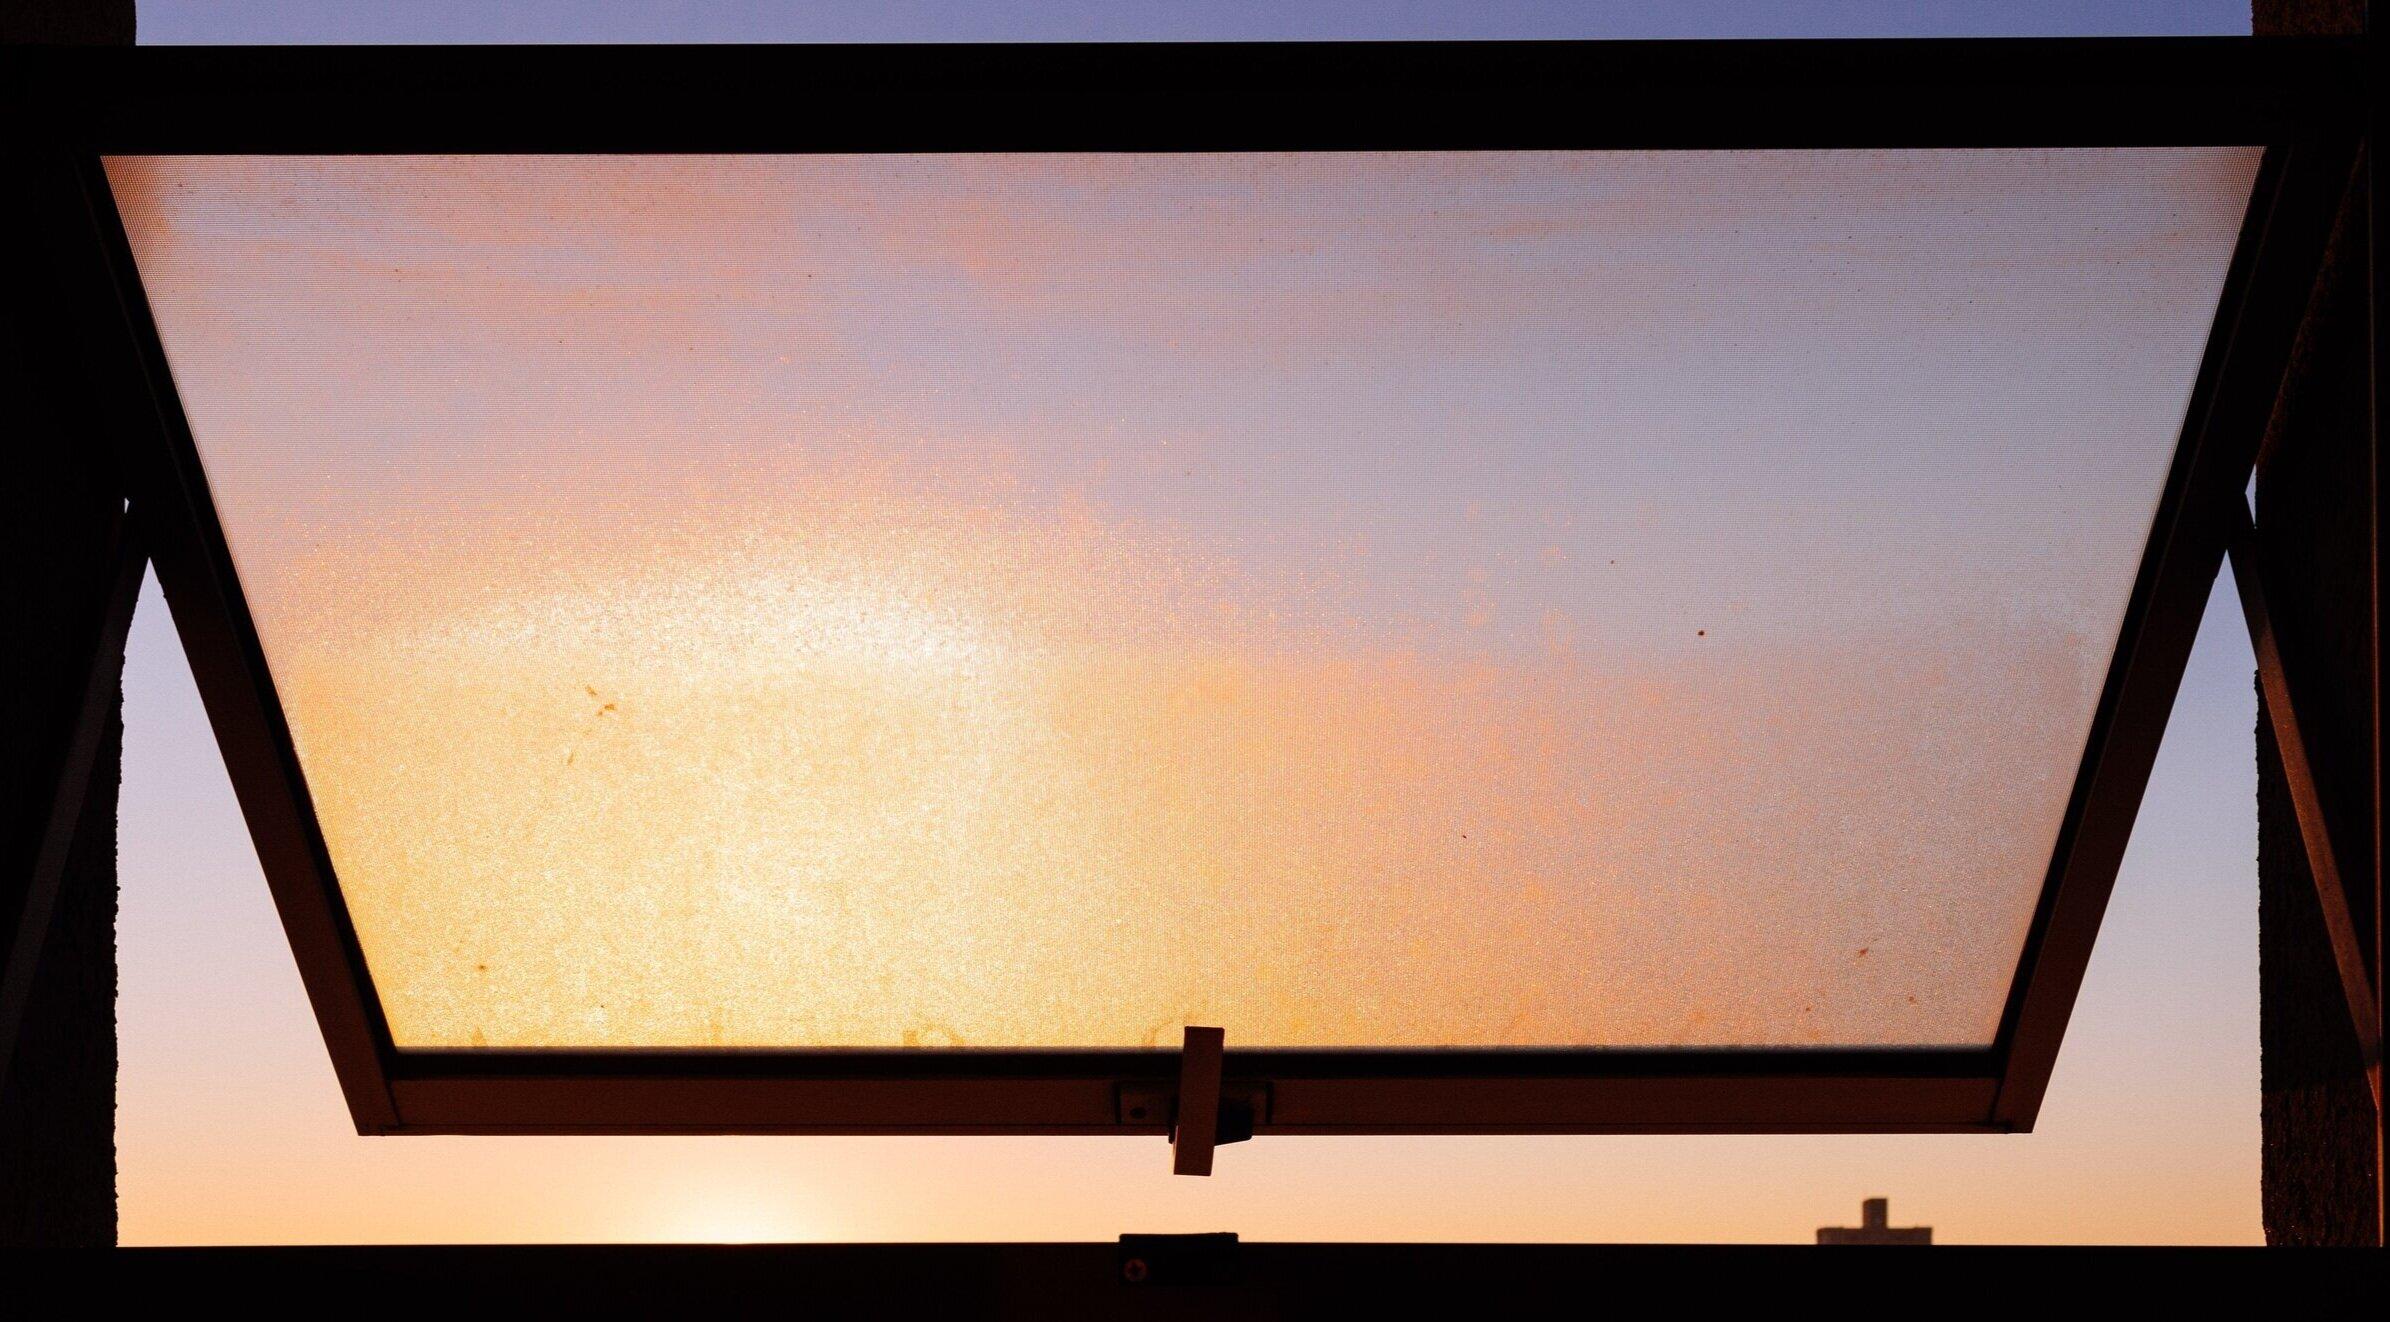 dawn-dusk-silhouette-2186260.jpg